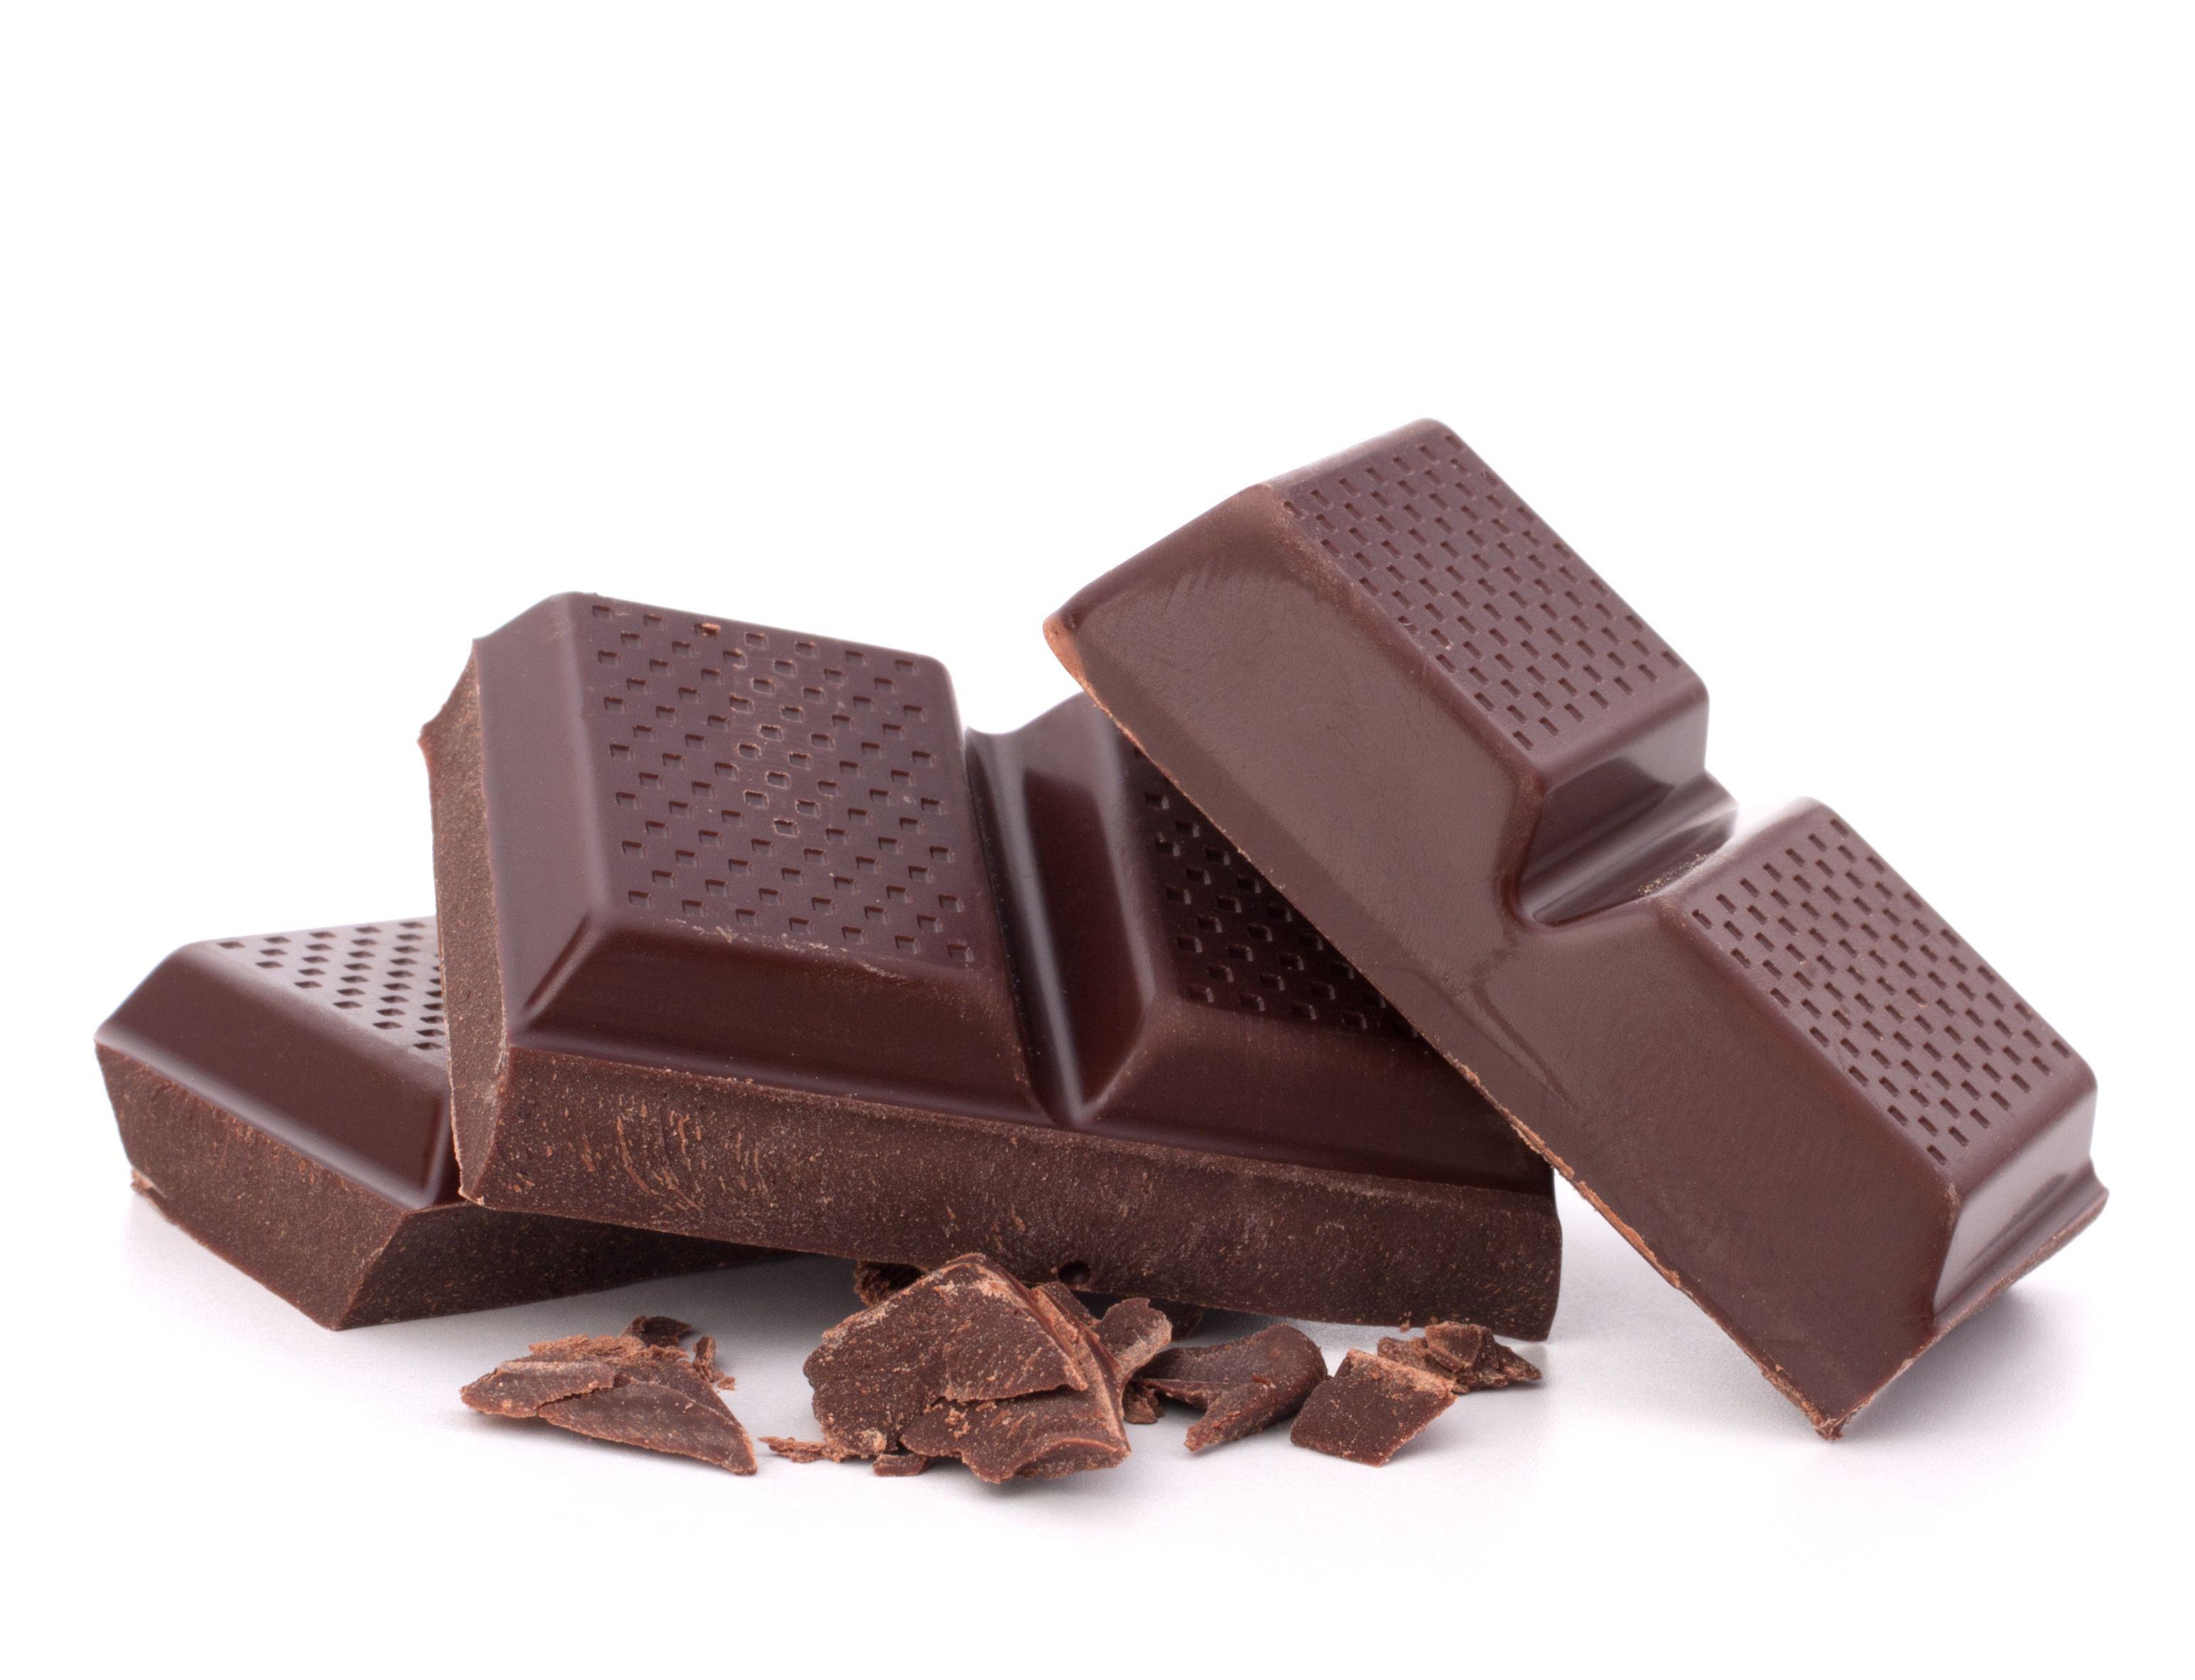 Le proprietà benefiche del cioccolato